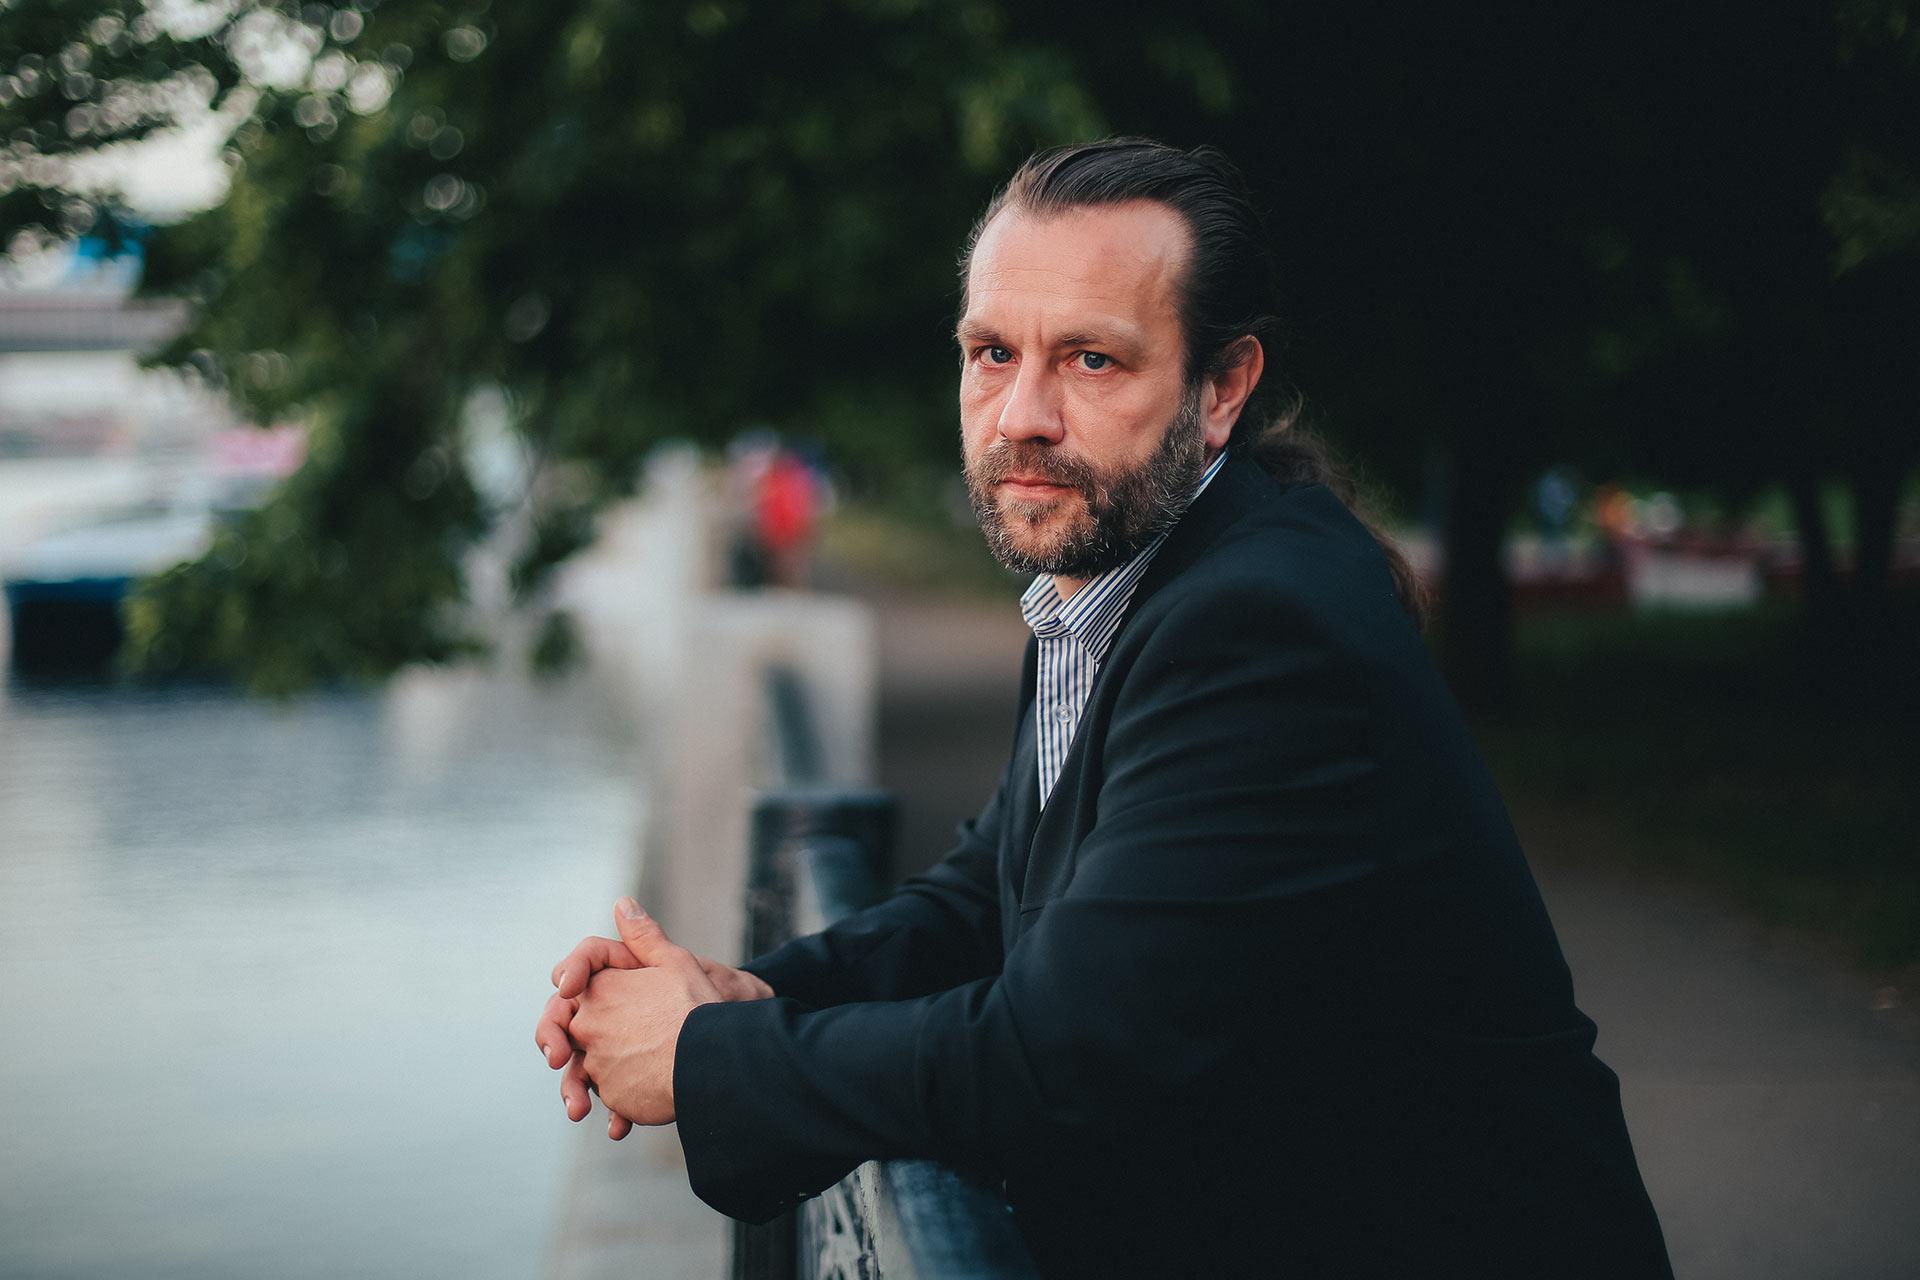 Виктор Шишкин. Более 20 лет в бизнесе, 12 лет в консалтинге